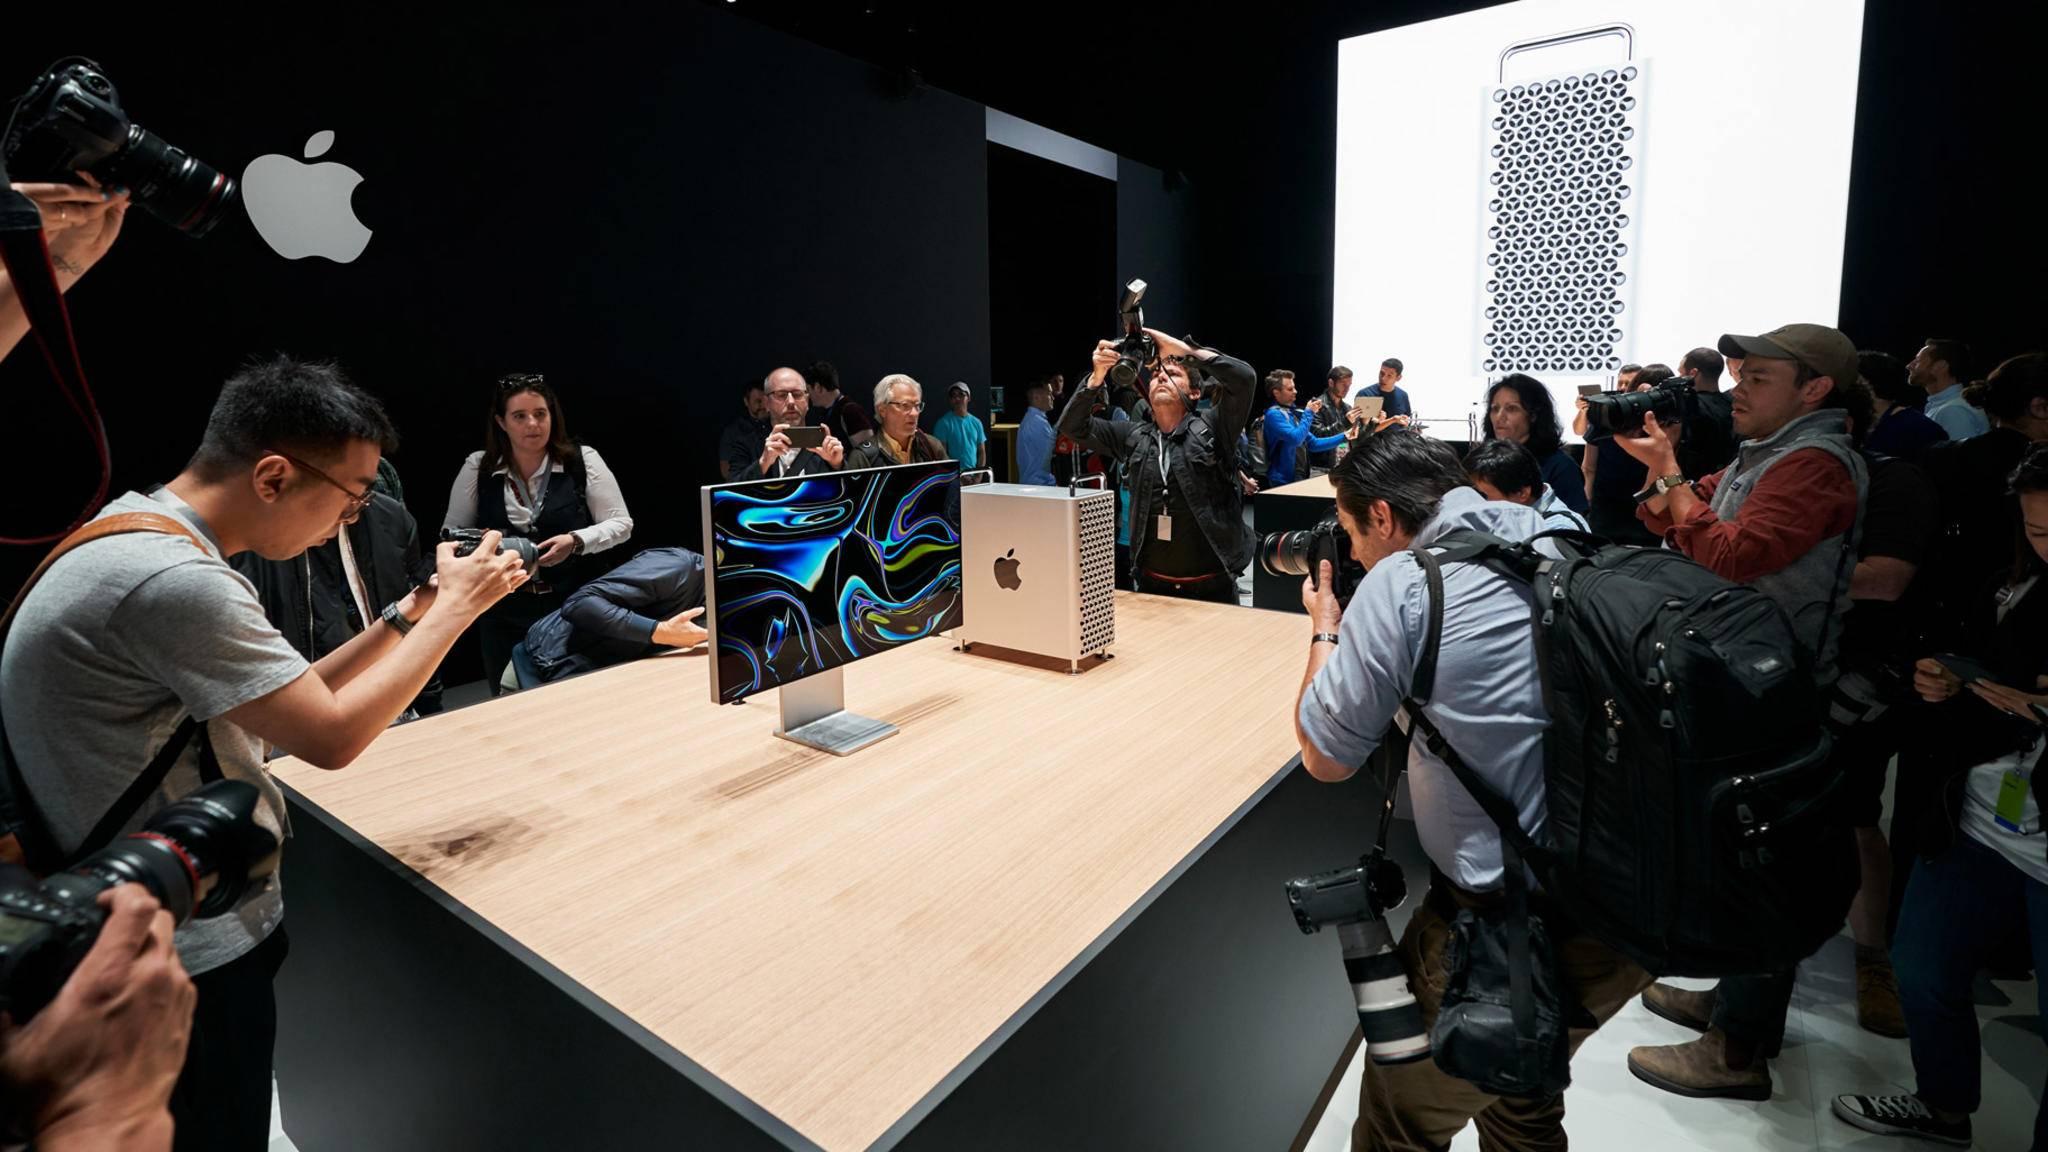 Staunende Gesichter: Der neue Mac Pro ist eines der WWDC-19-Highlights.